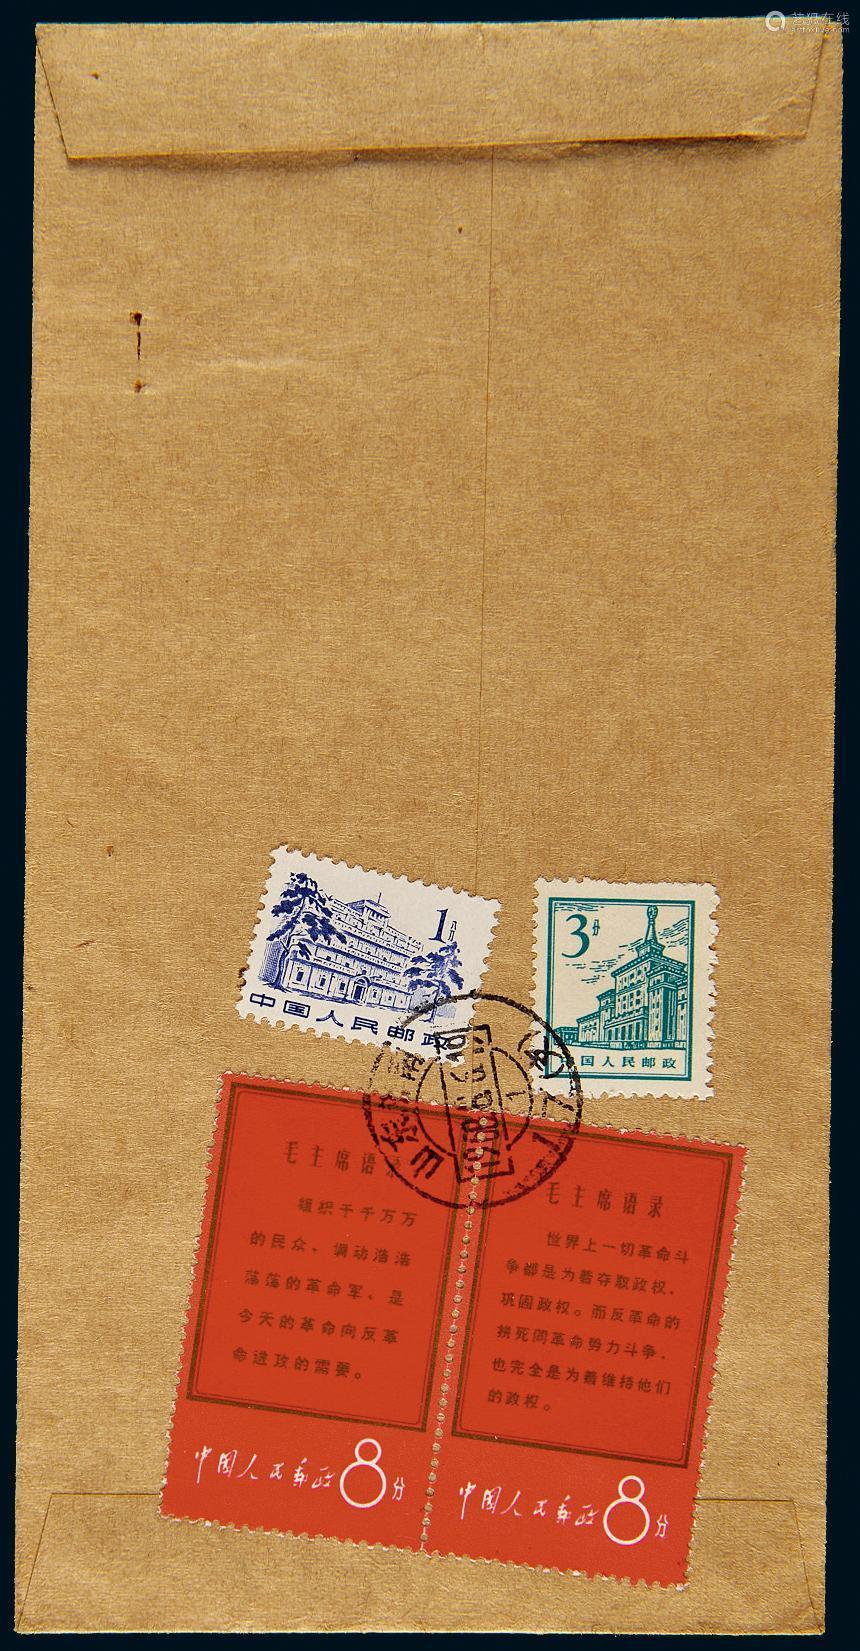 1968年1968年济南寄唐山挂号封